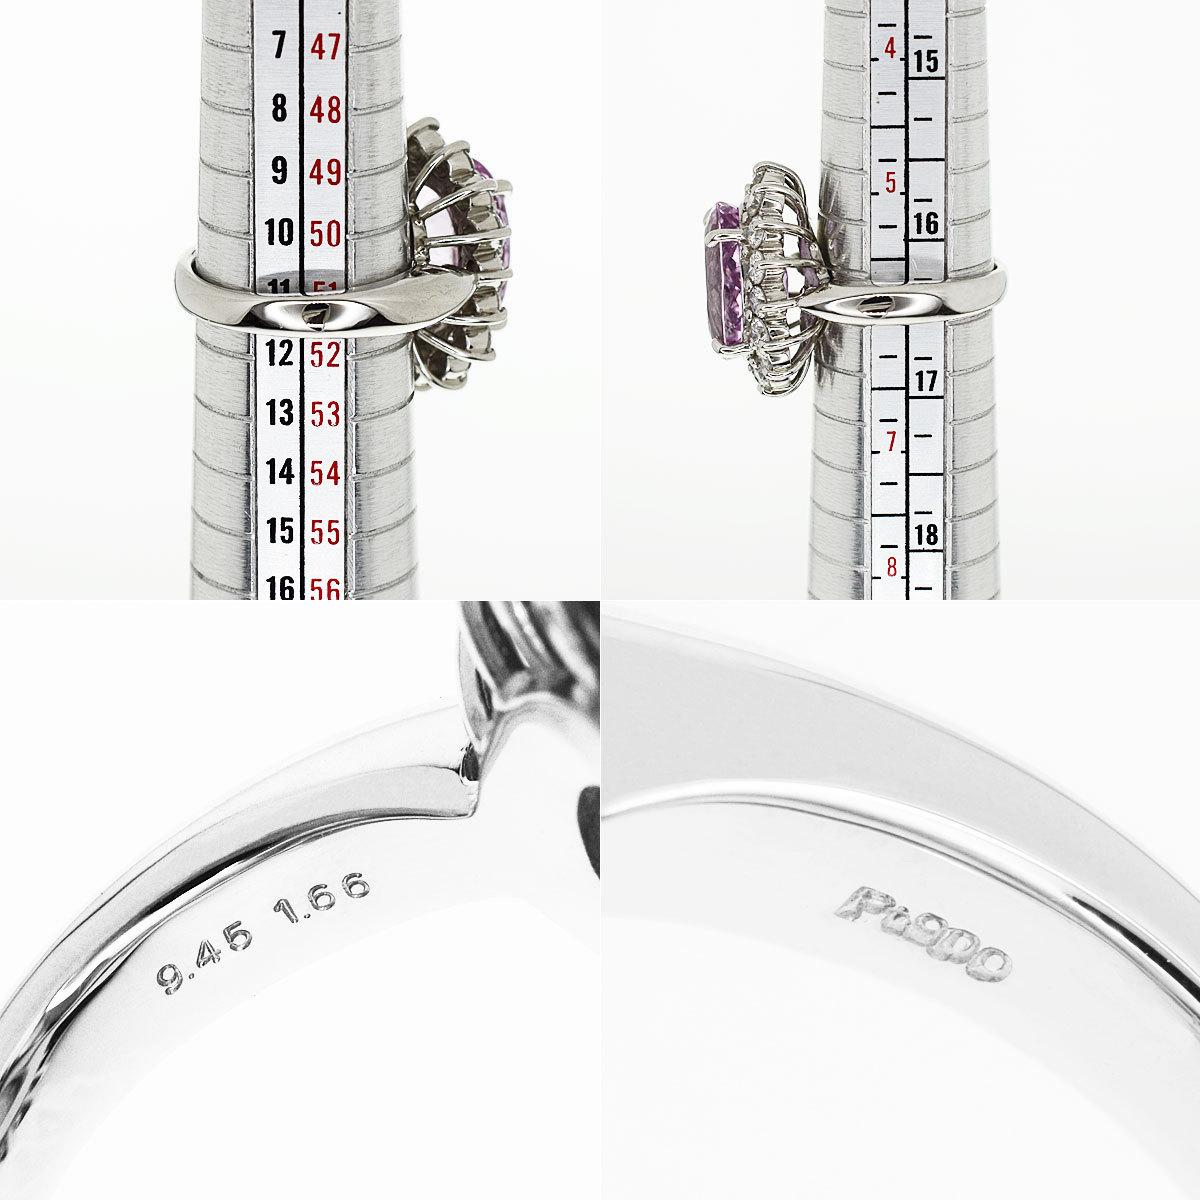 インペリアル ピンクトパーズ(9.45ct) ダイヤ(D1.66ct) リング 日本サイズ約11号 #51 Pt900 鑑別書 指輪 28871104_画像4